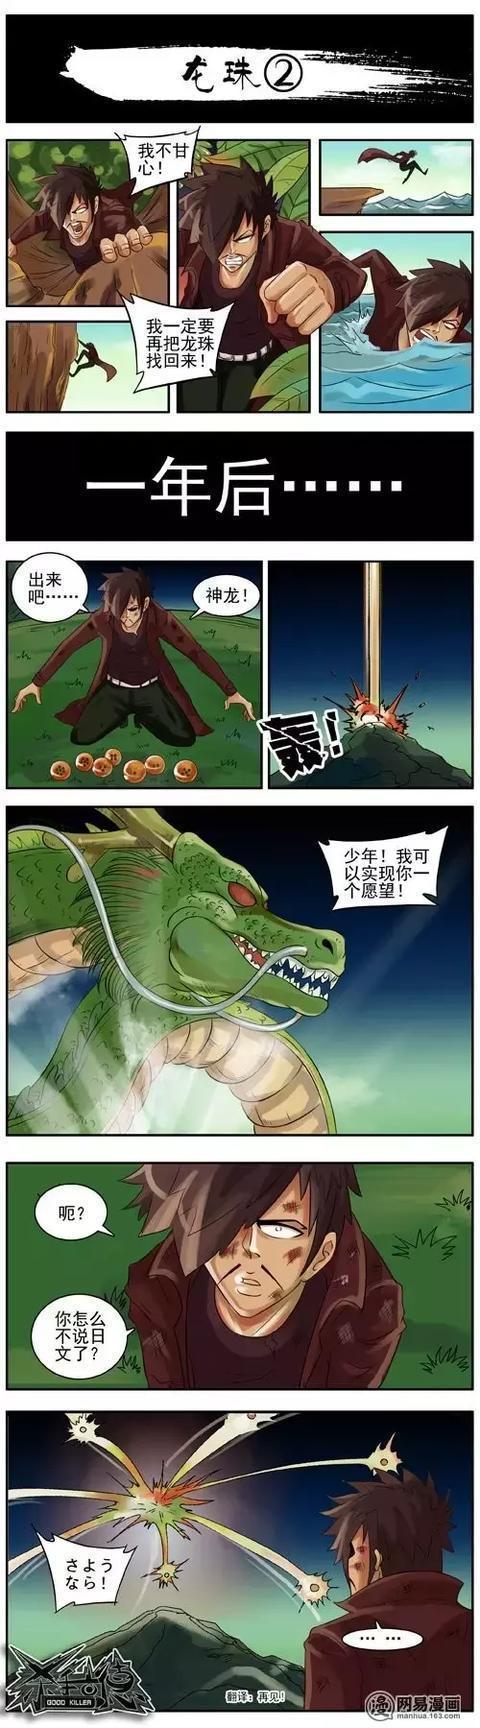 漫畫《七龍珠》